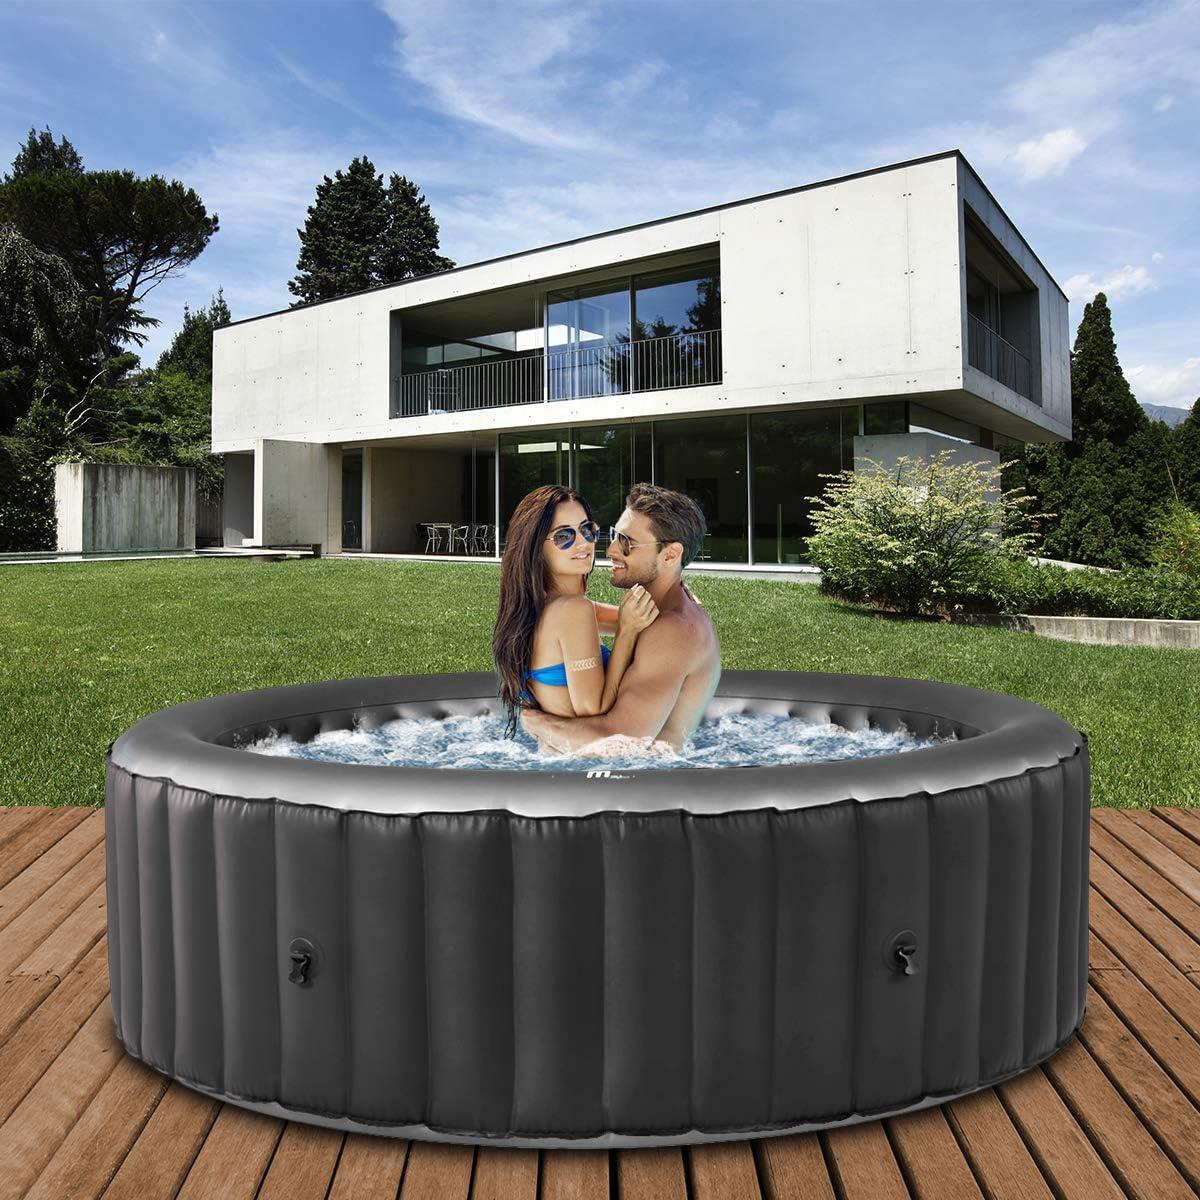 Miweba MSpa - Jacuzzi hinchable para exteriores, 6 personas, 132 boquillas, 185 x 185 cm, certificado TÜV GS, Alpine D-AL06, 930 litros